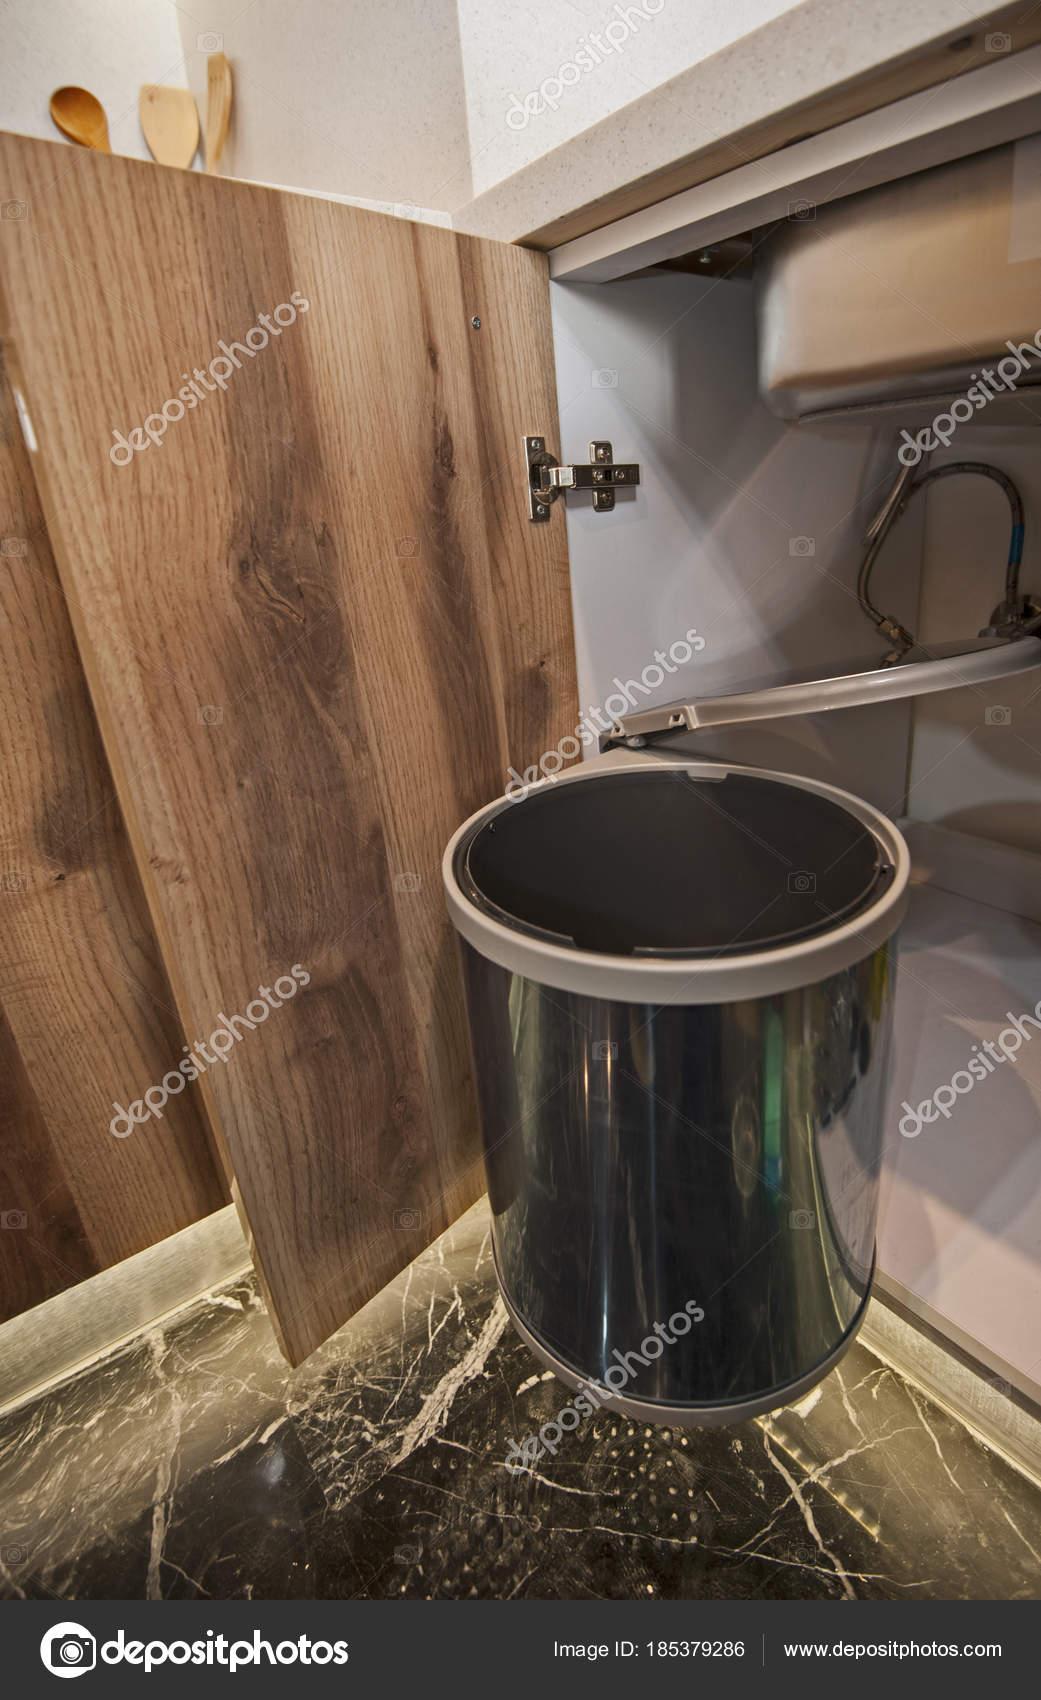 Mülleimer Küche Schranktür hängen — Stockfoto © paulvinten #185379286